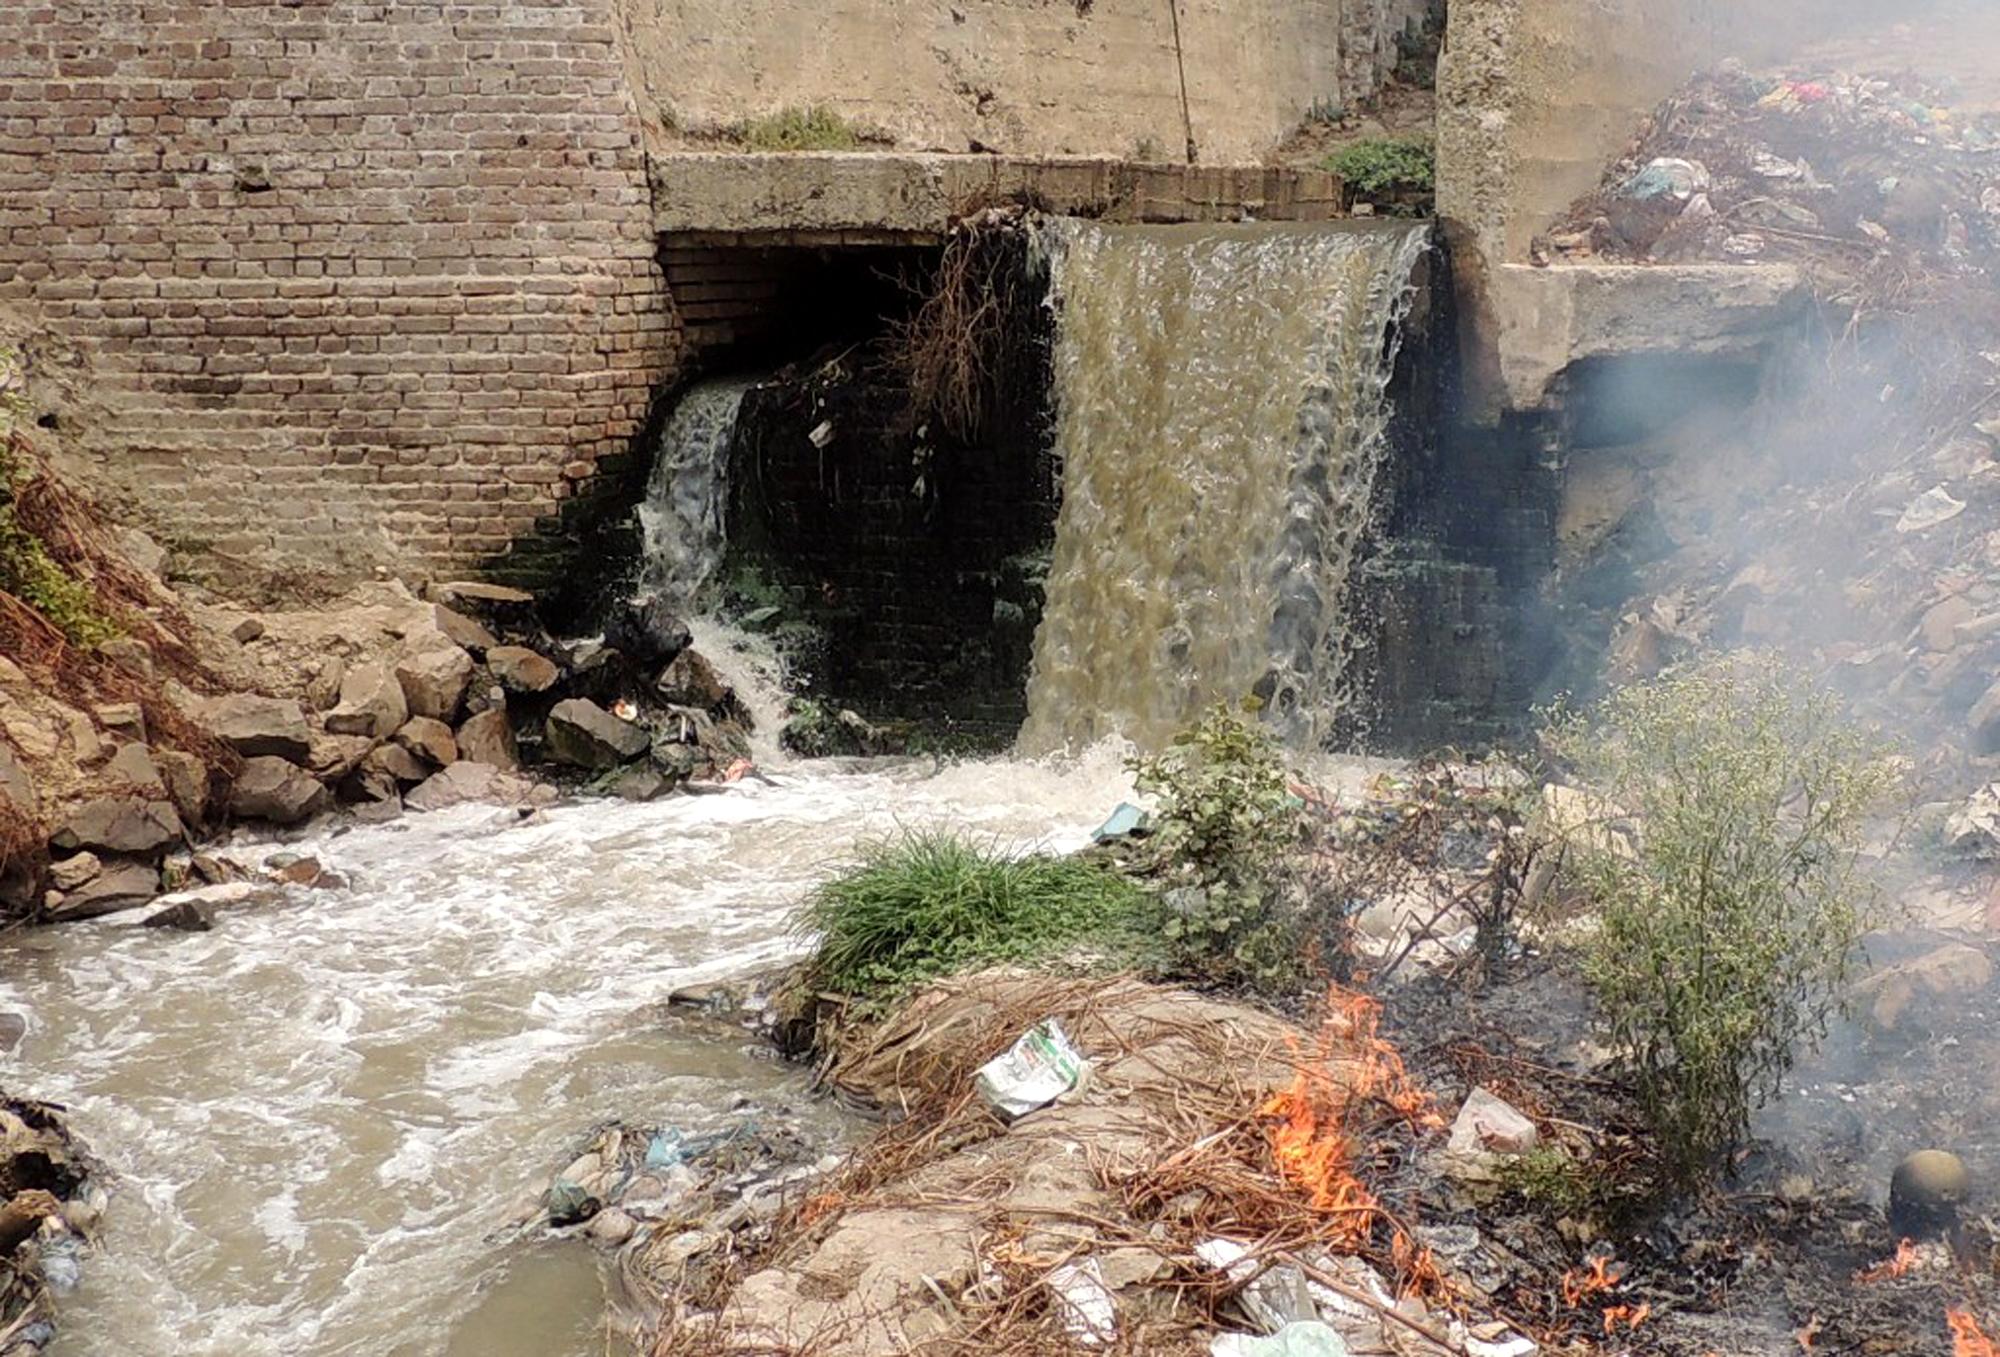 गंगा में बढ़ रहा प्रदूषण